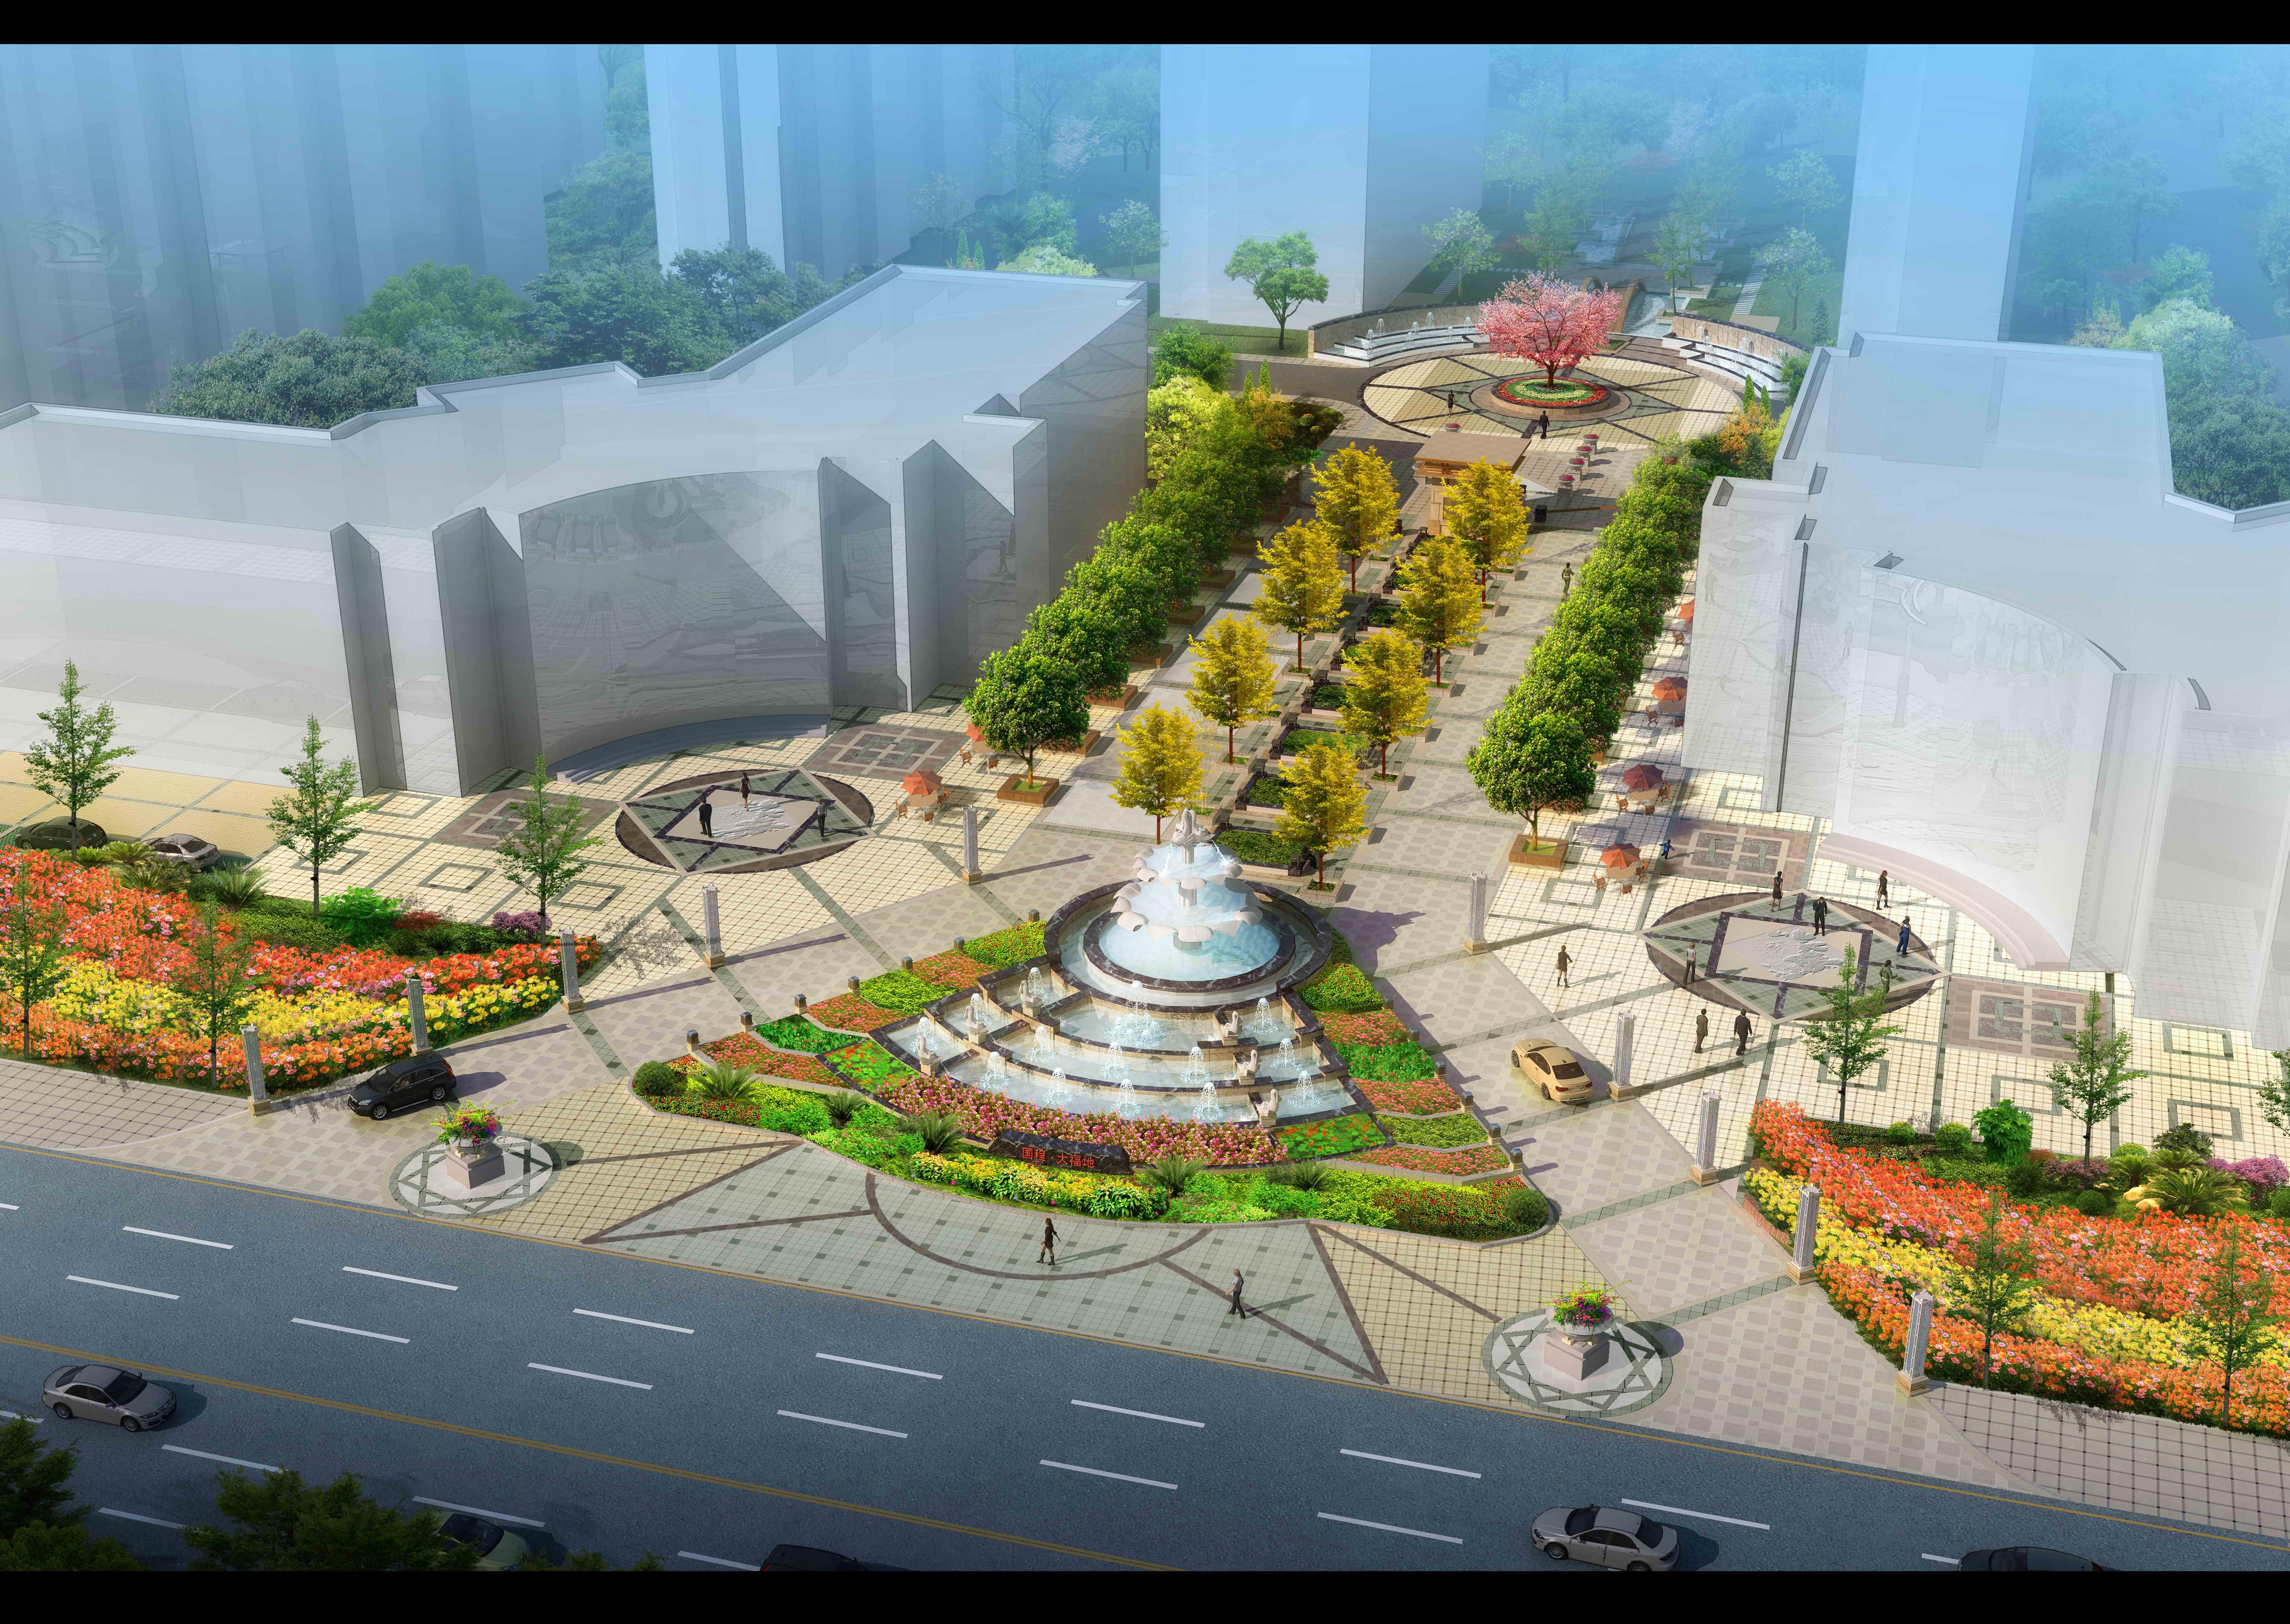 小区入口景观设计 居住小区入口景观设计 小区入口景观设计cad 别墅小